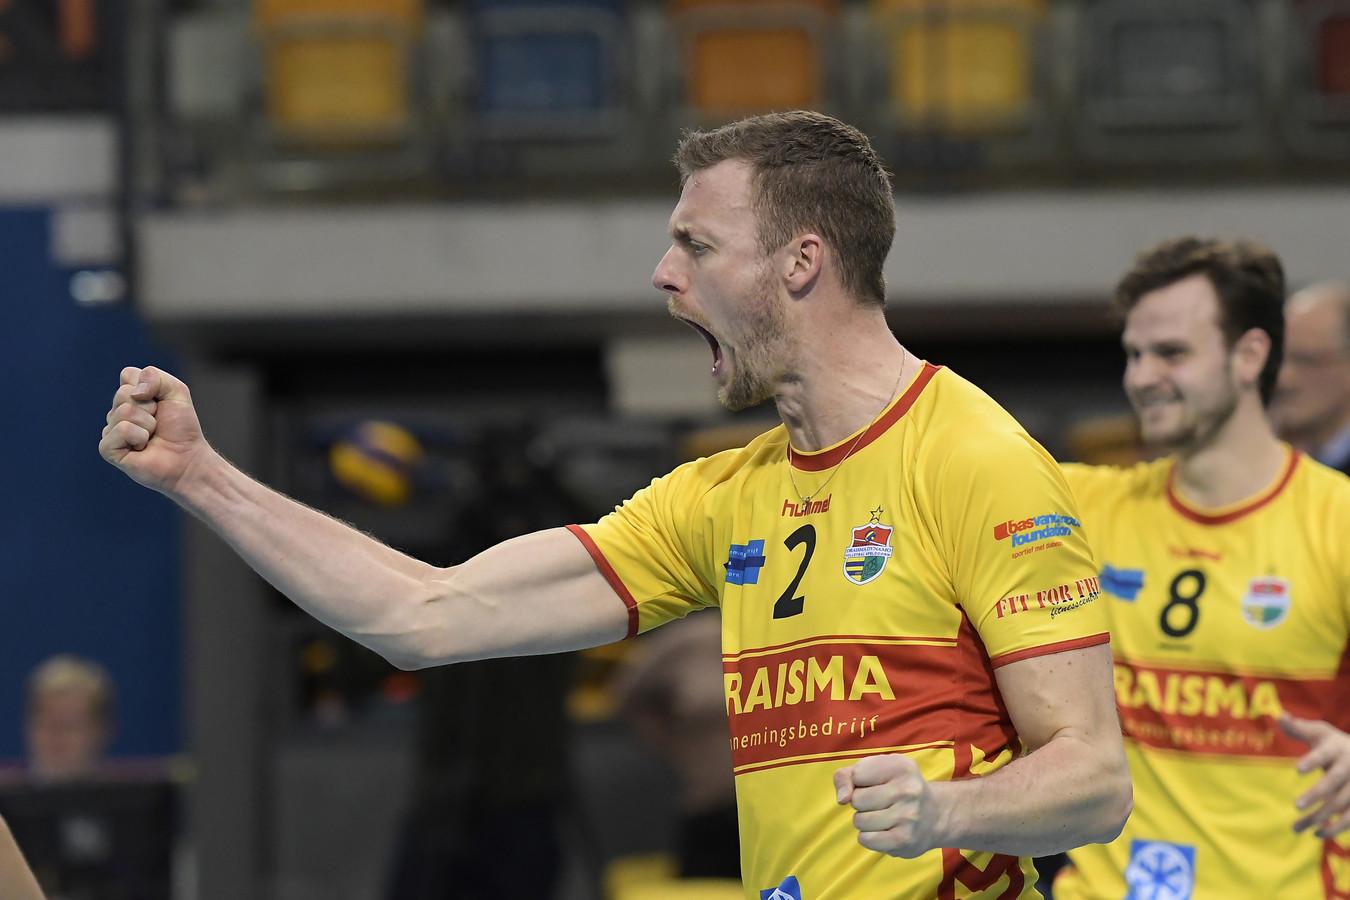 Net als drie dagen eerder tegen Orion (foto), konden Jeroen Rauwerdink en Dynamo zaterdag weer juichen in de eredivisie. De koploper zette nummer laatst Zaanstad snel met 3-0 opzij.